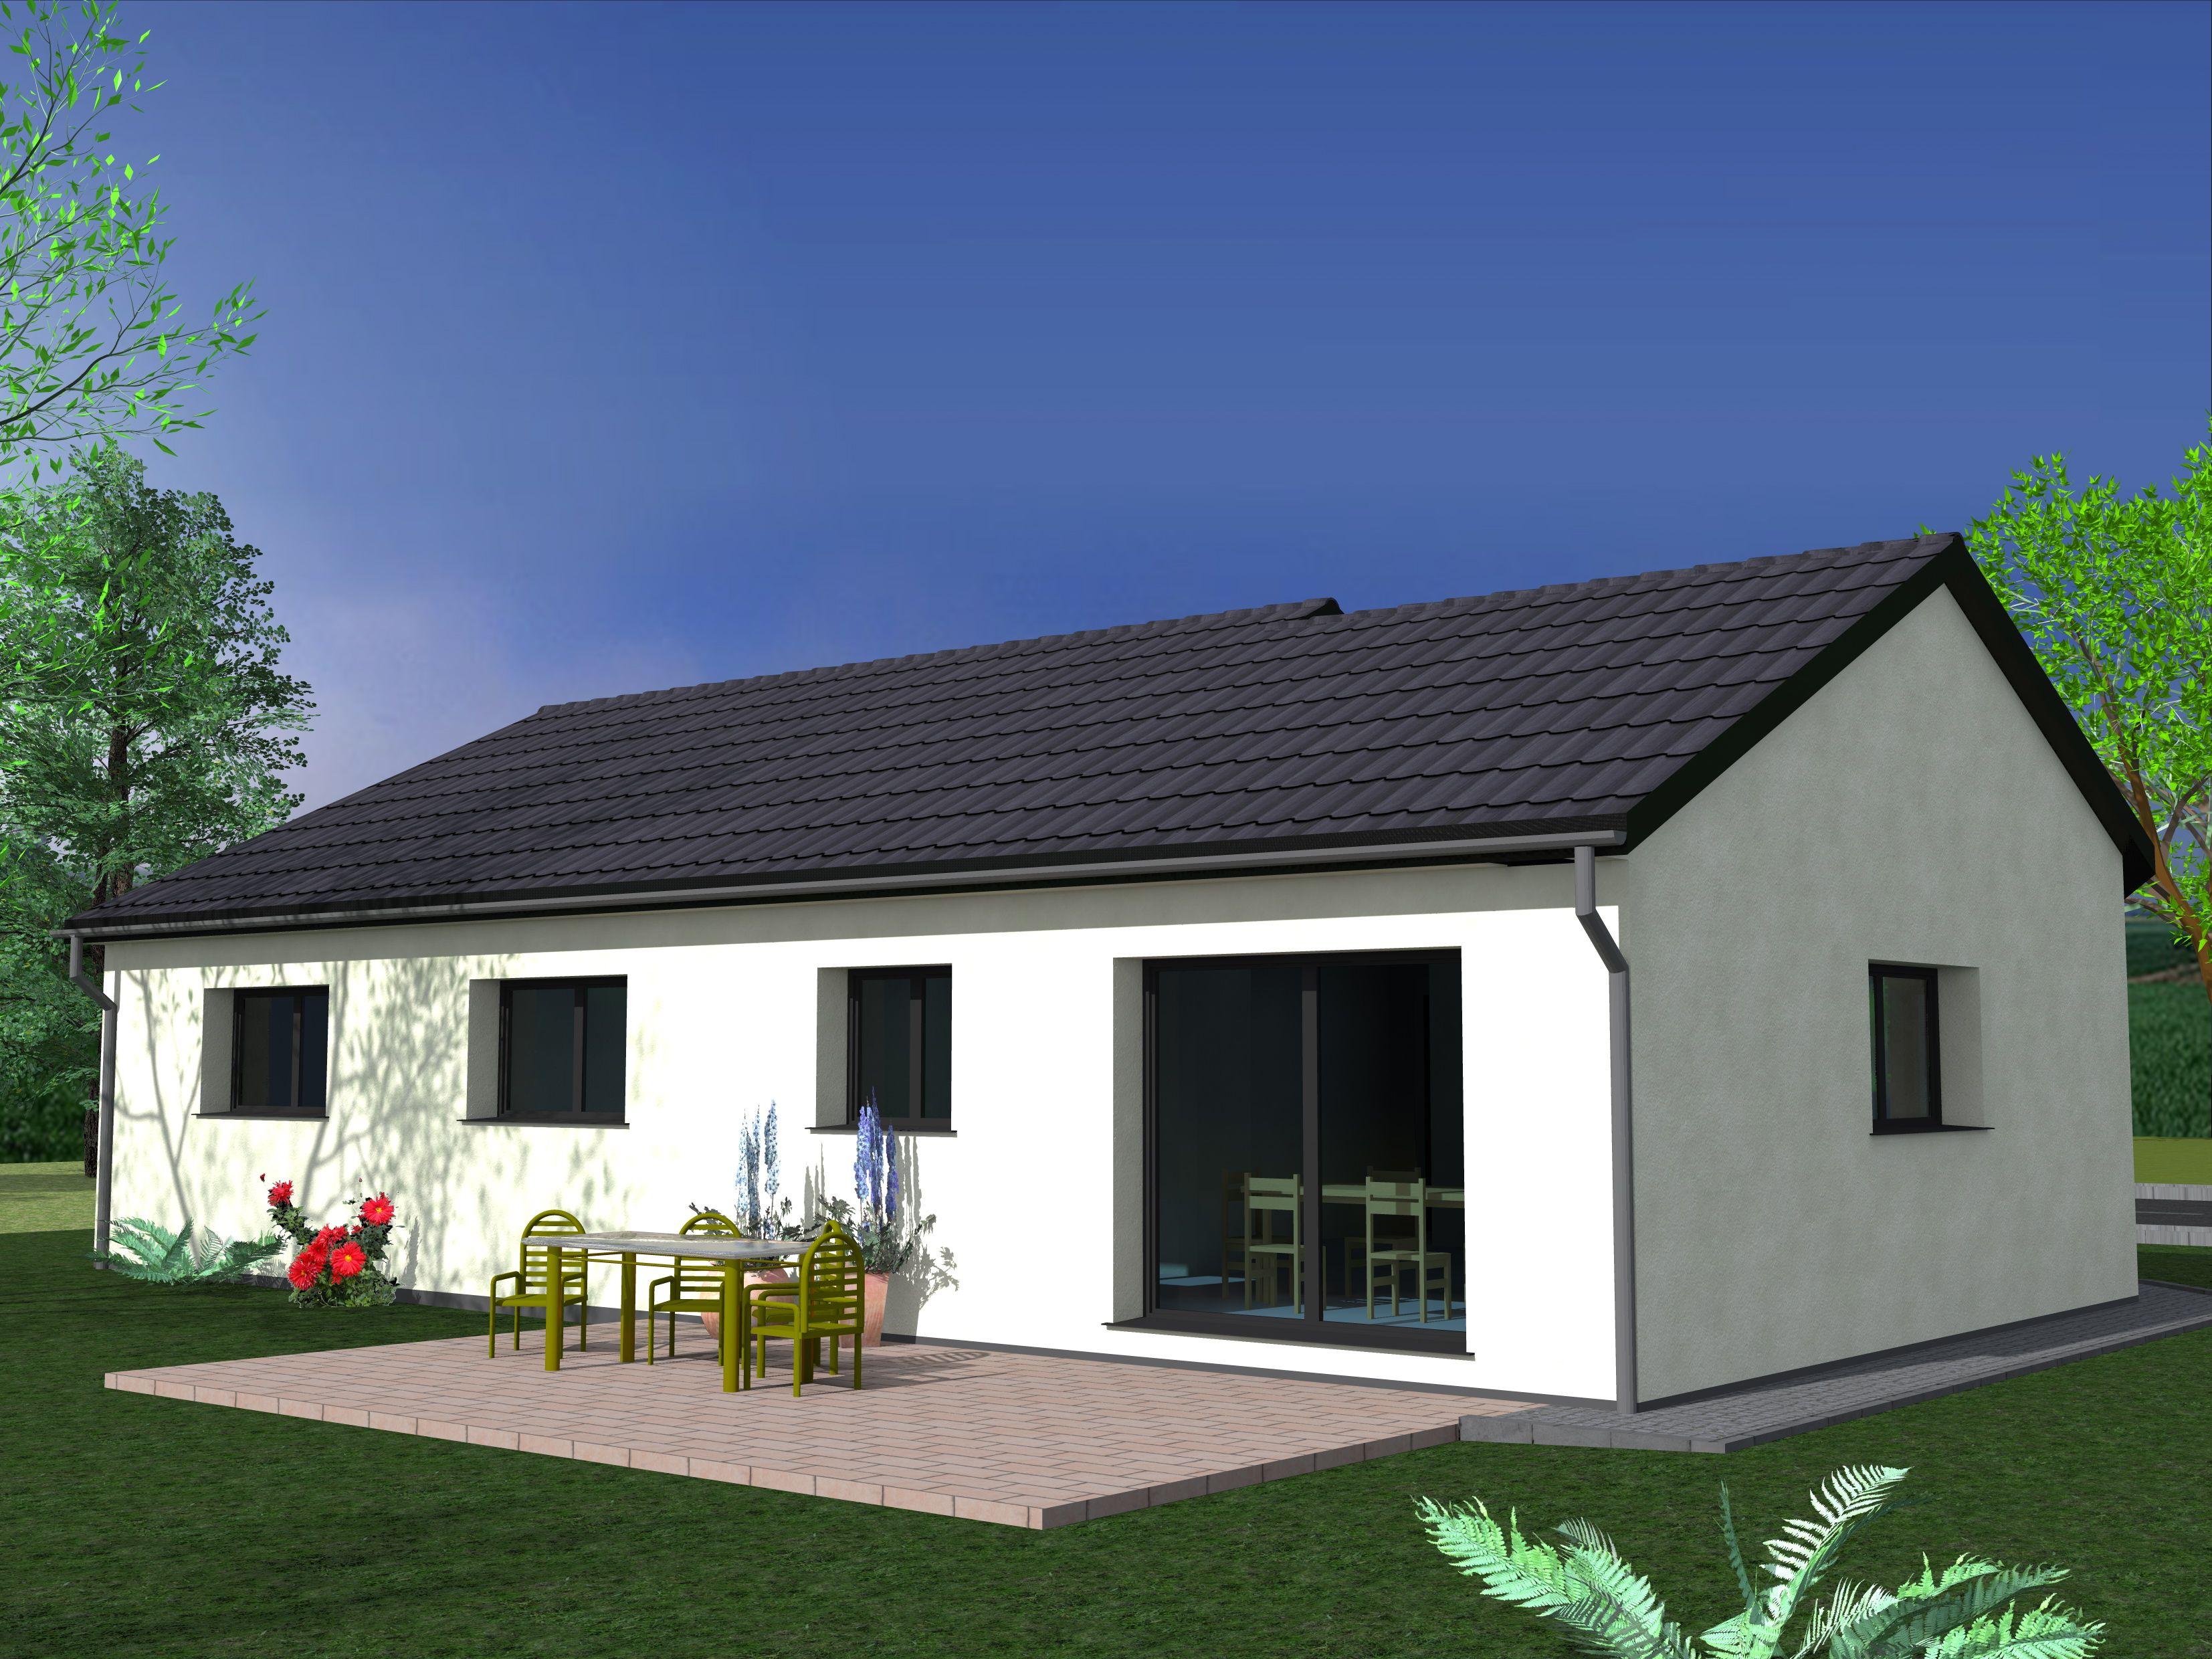 Maison de plain pied avec garage à KERPRICH AUX BOIS - Keval ...